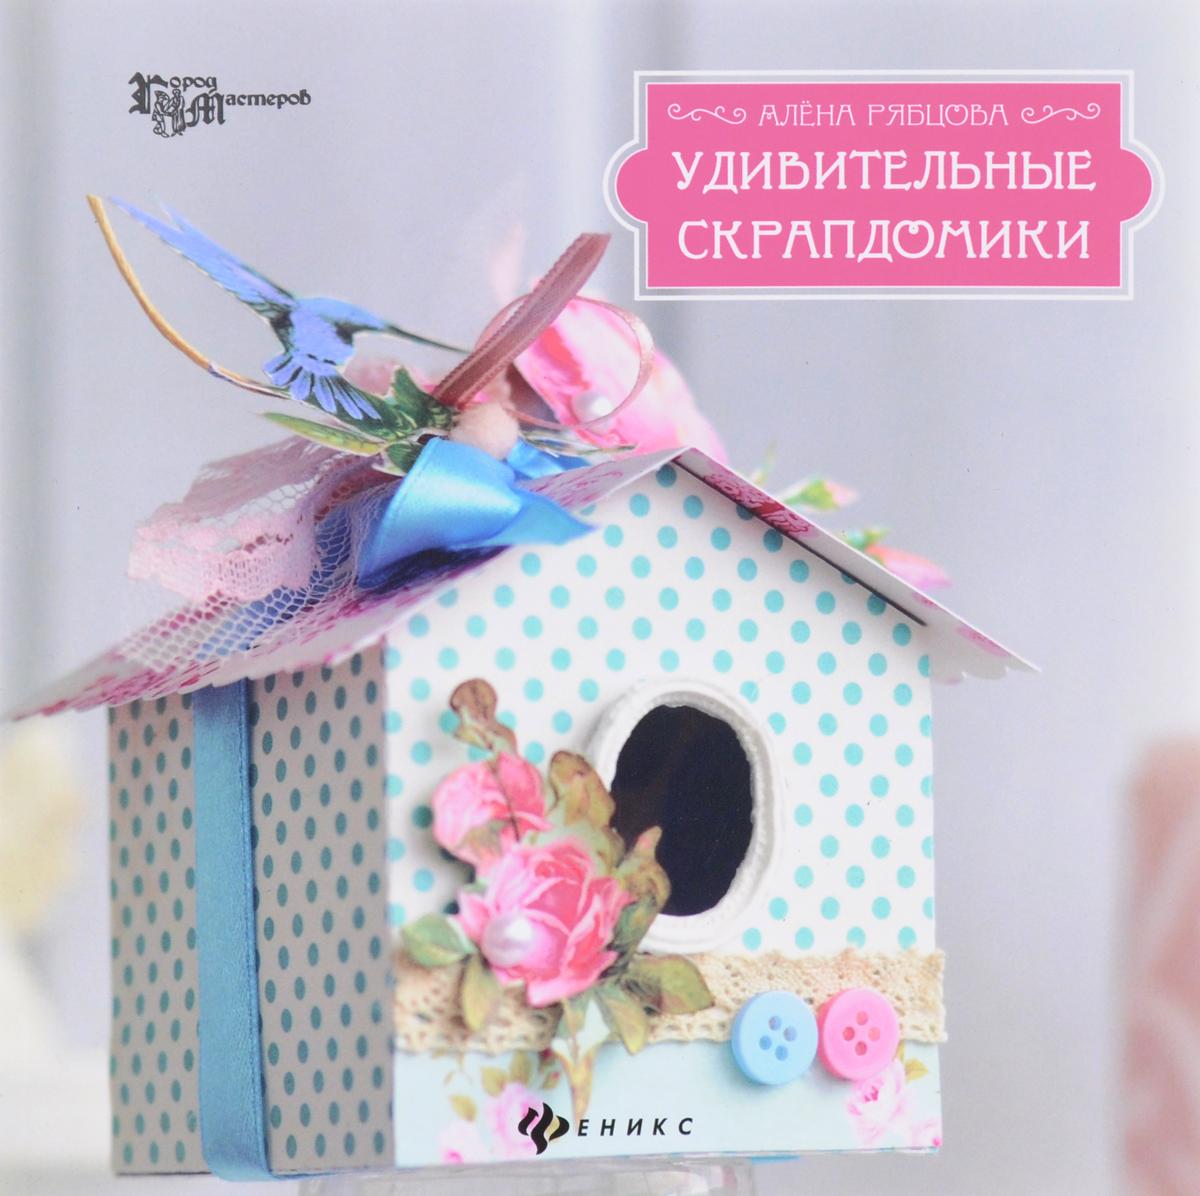 Алена Рябцова Удивительные скрапдомики алена рябцова бохо